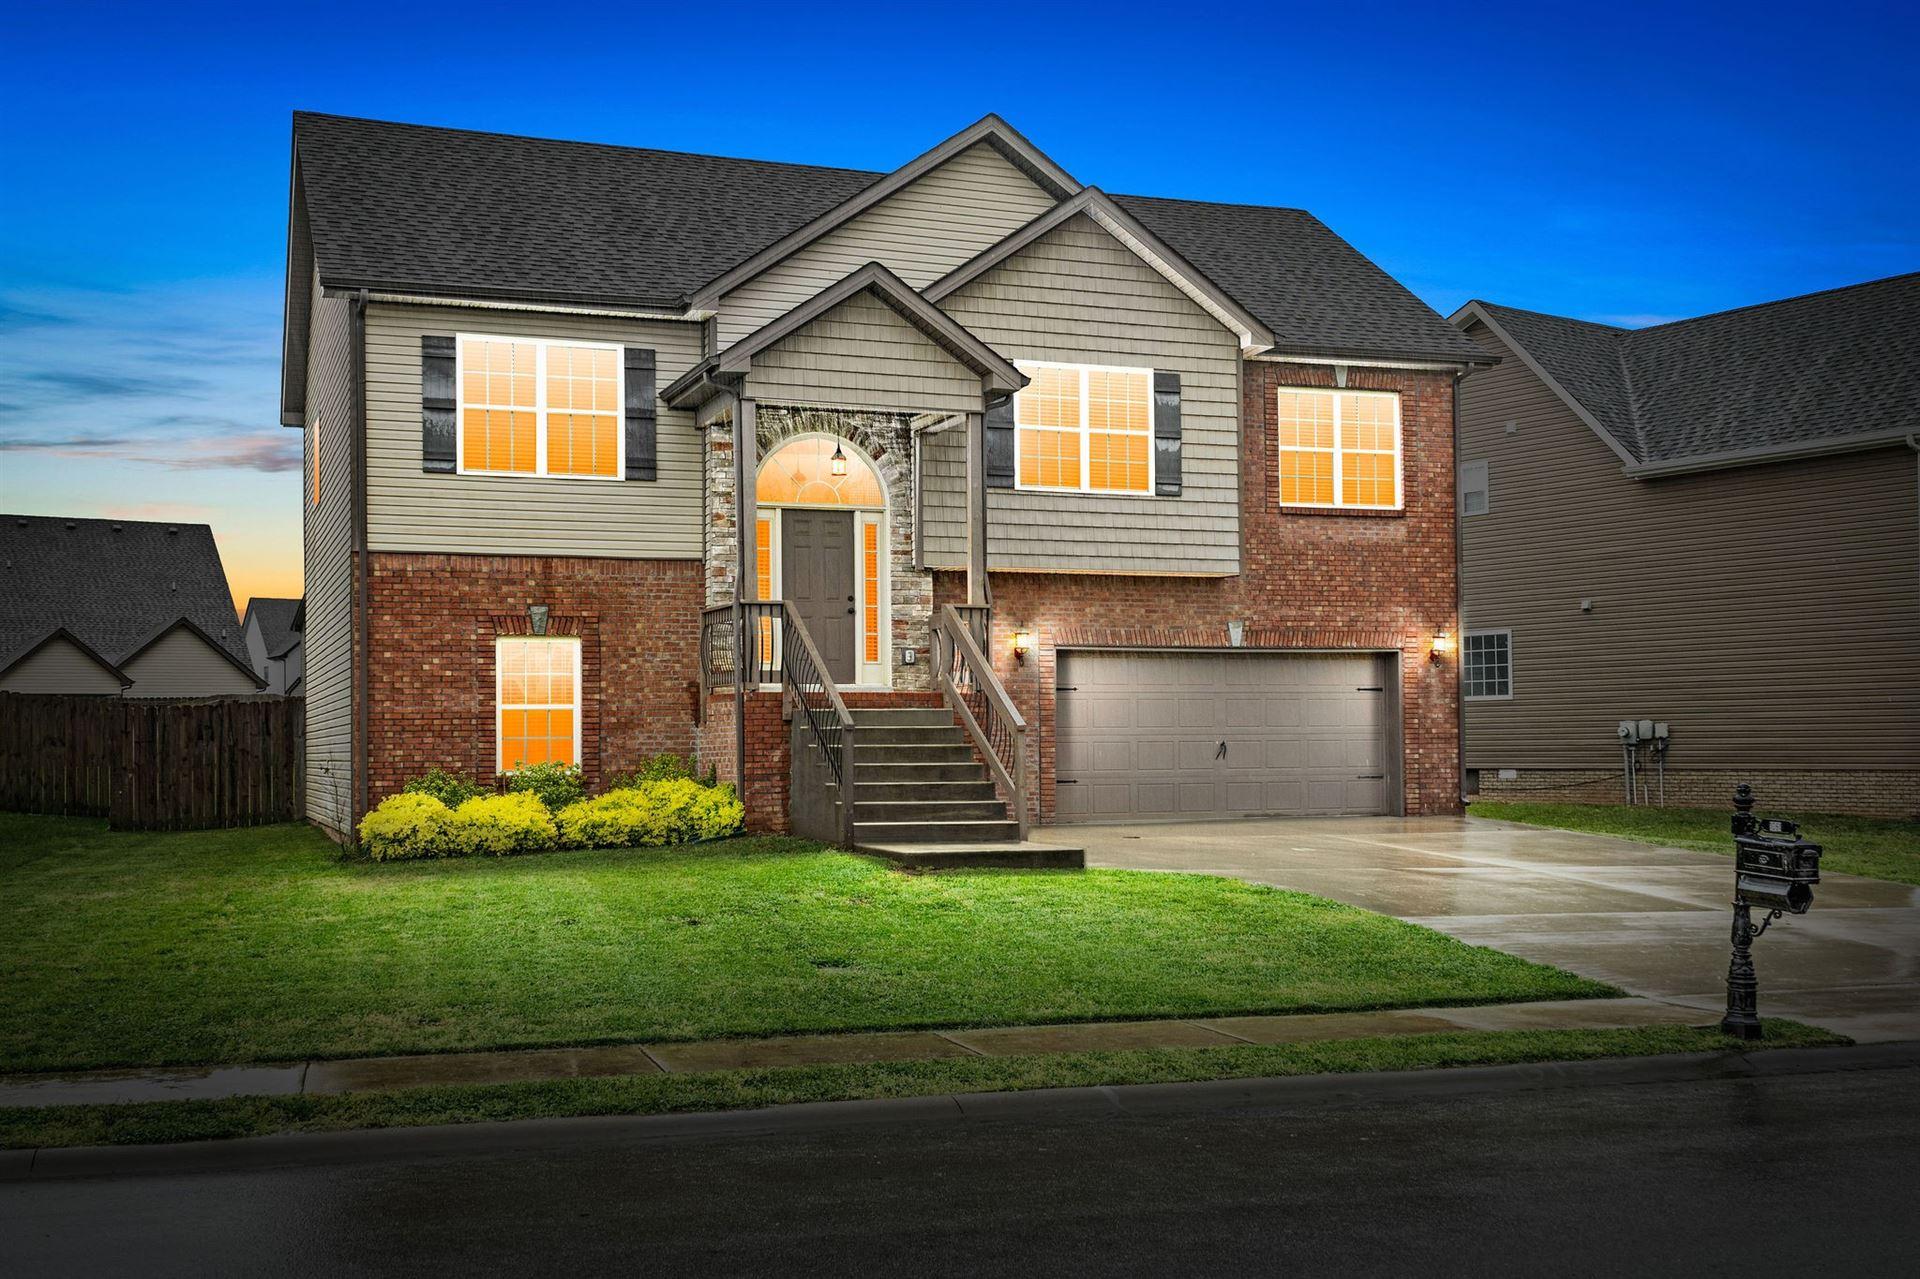 1061 Thrasher Dr, Clarksville, TN 37040 - MLS#: 2253625